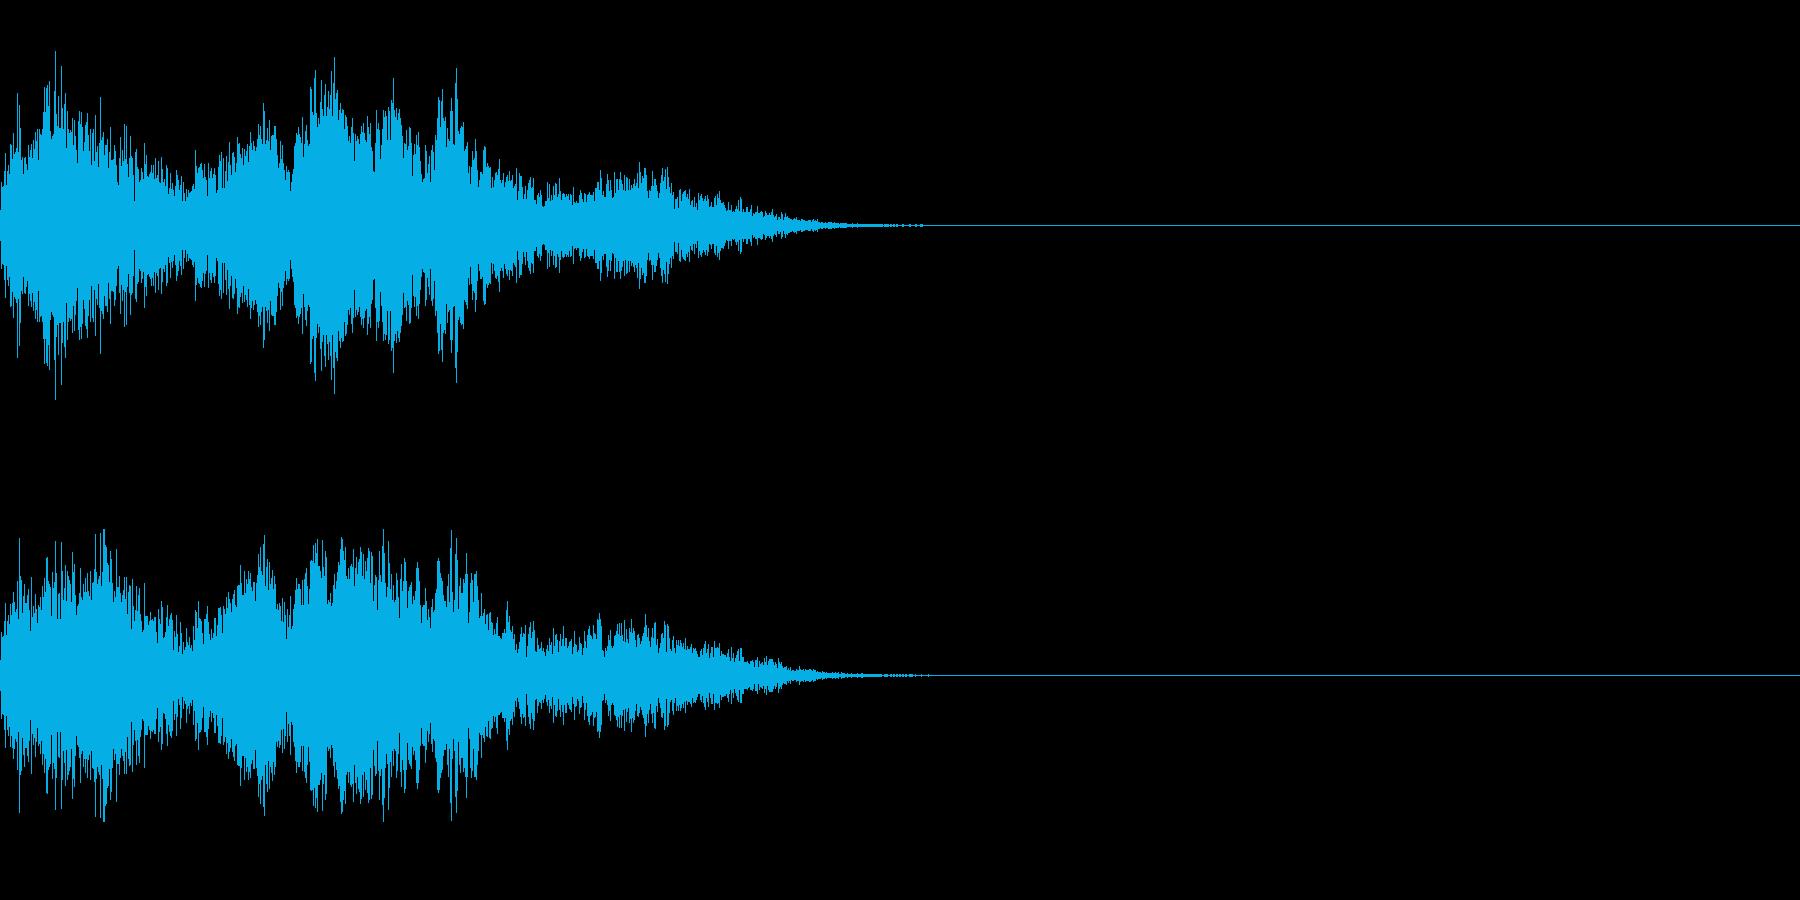 モンスター/鳥系/鳴き声/敵ボイスの再生済みの波形